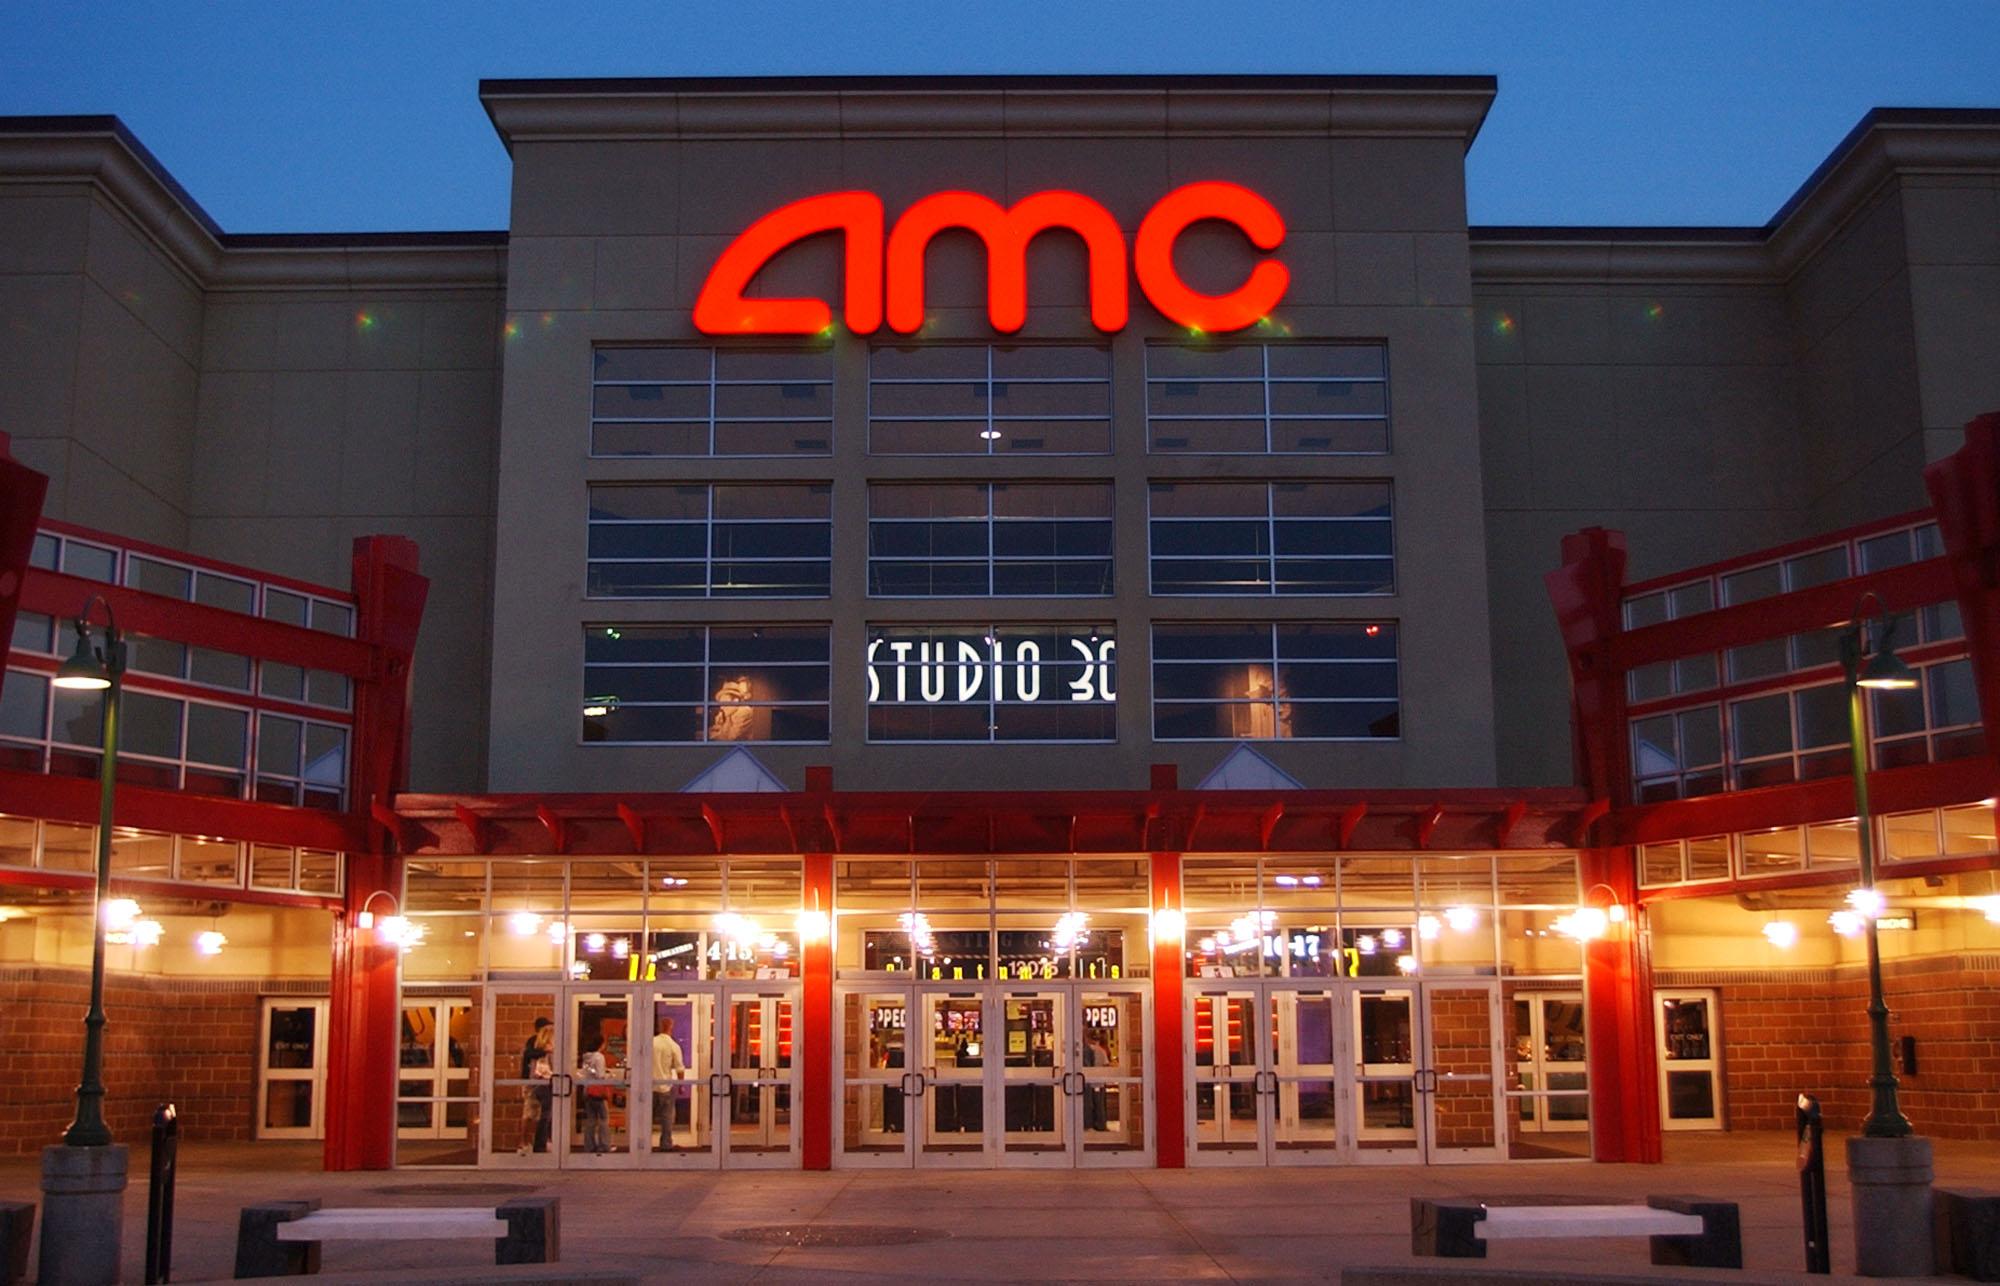 Ações da AMC Entertainment subiram mais de 650% no mês